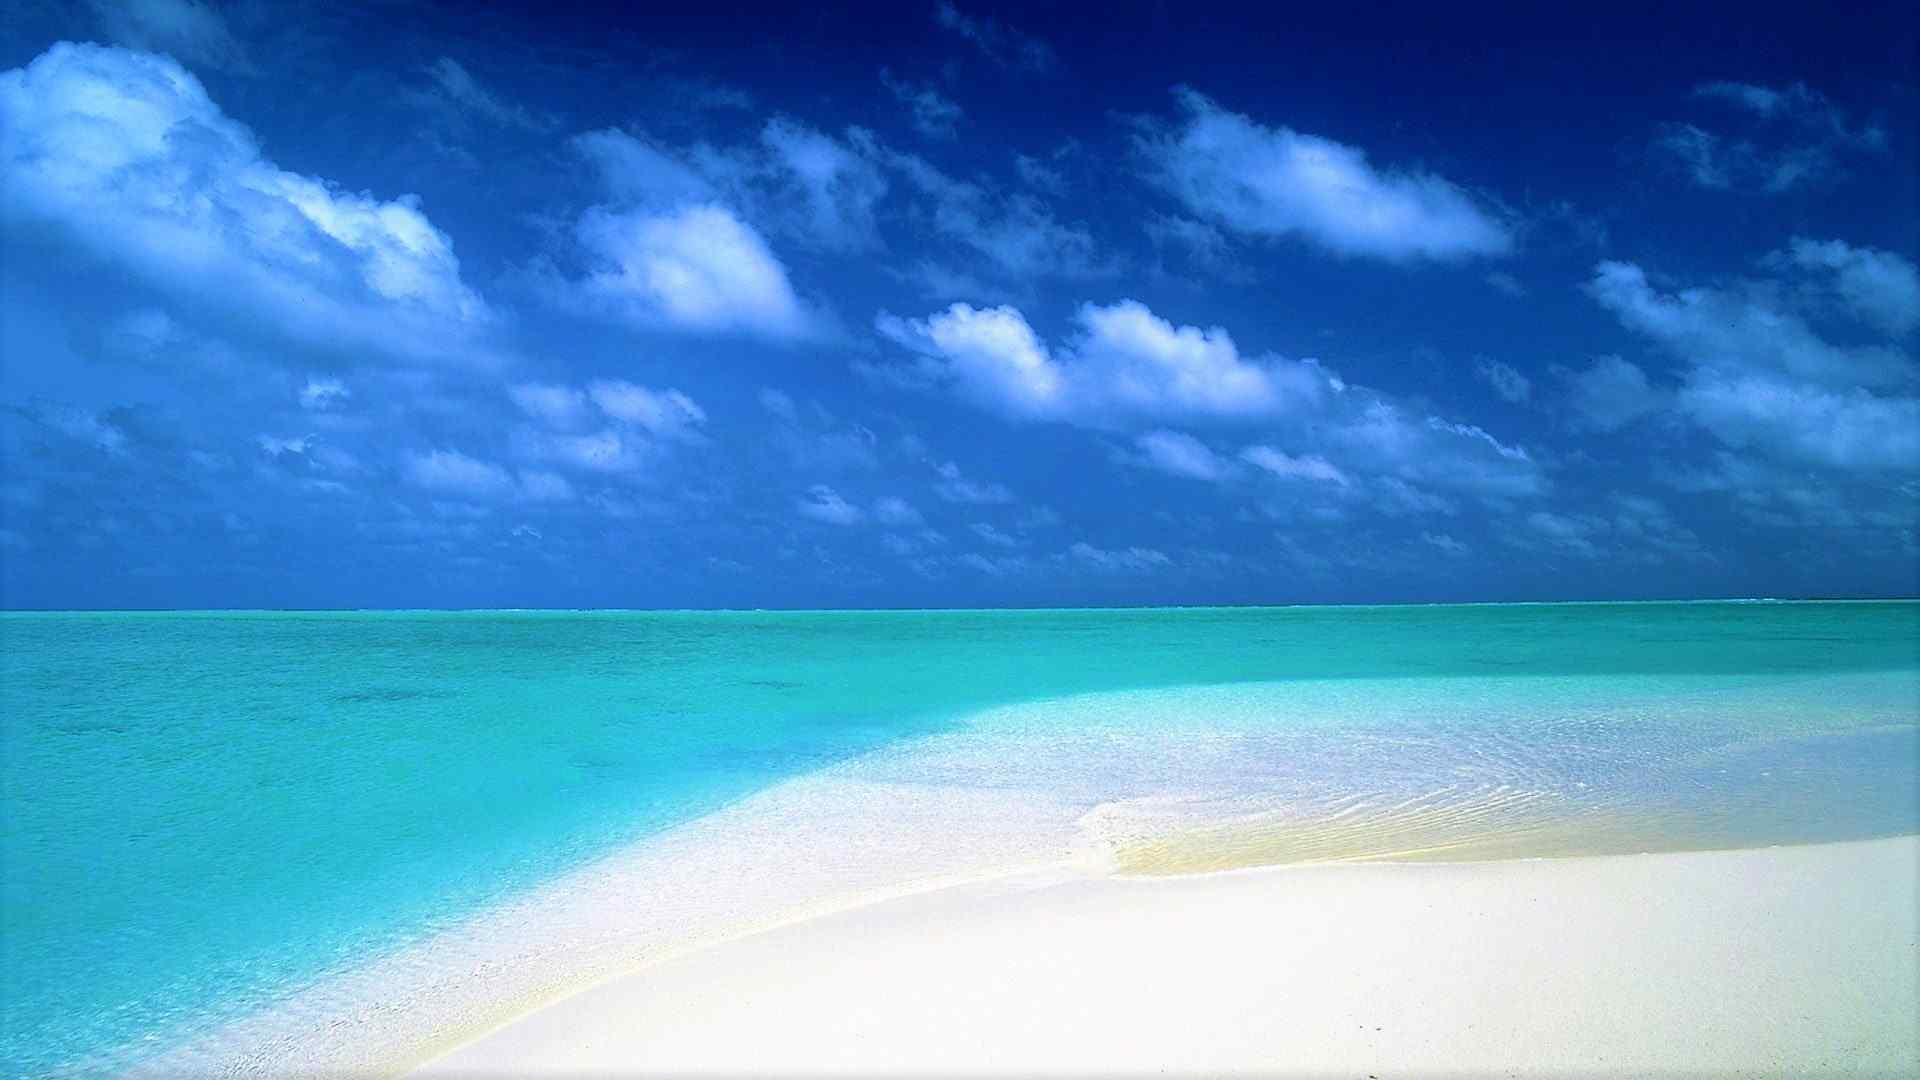 蔚蓝海洋风景图片高清壁纸